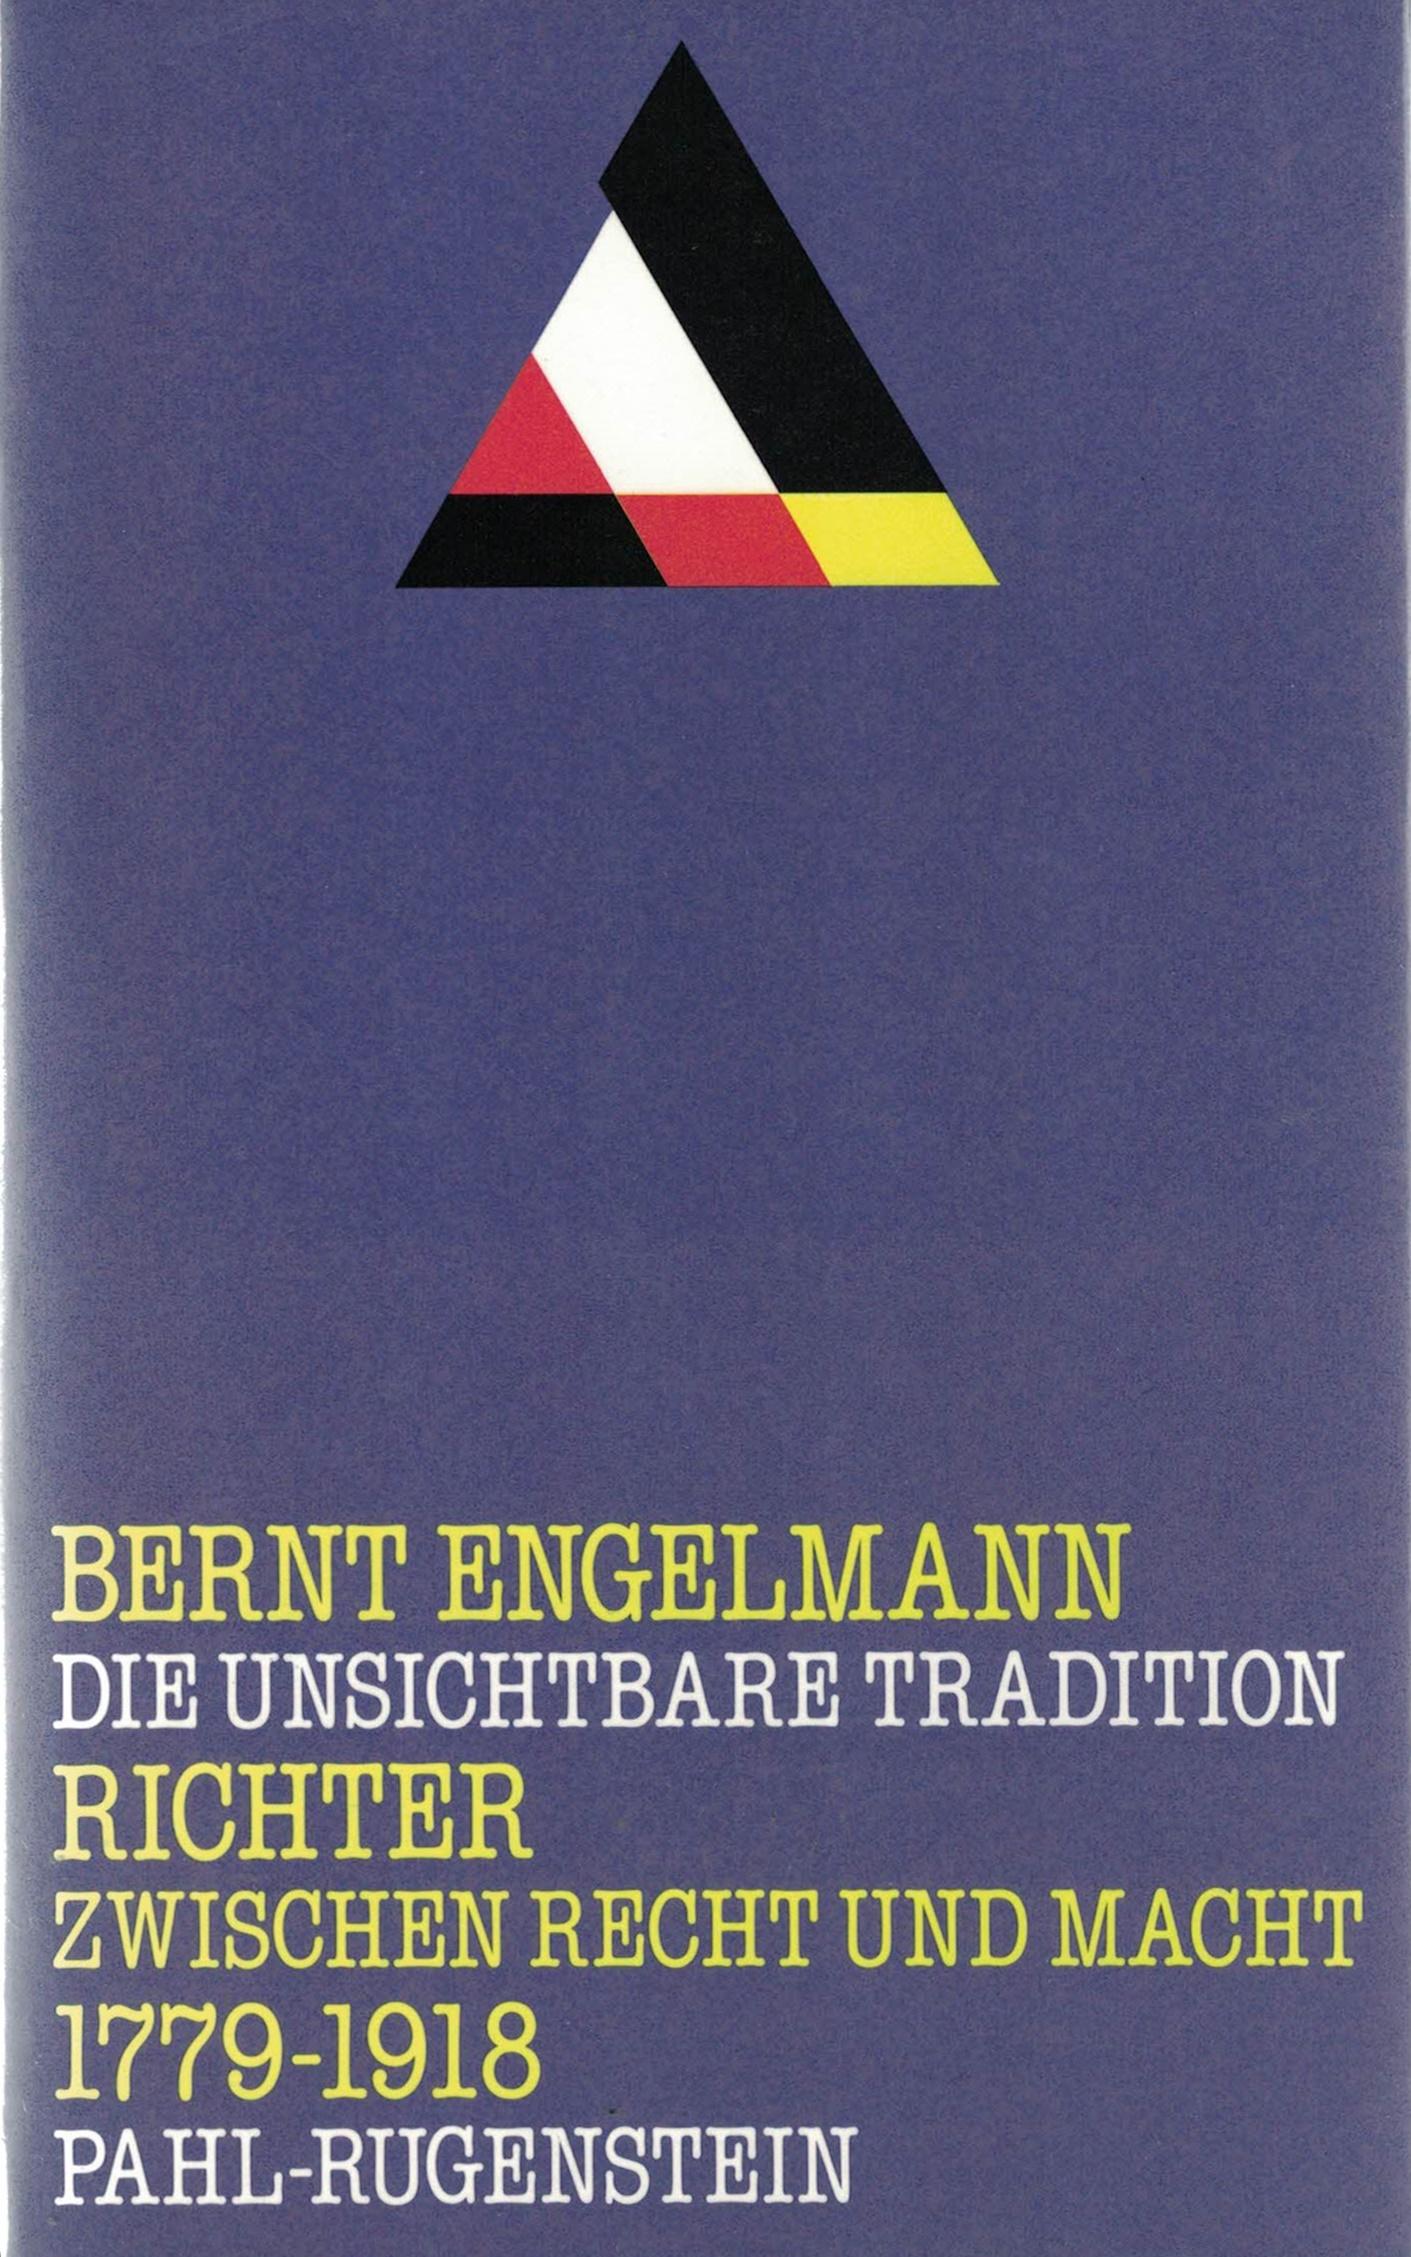 Bernt Engelmann - Richter zwischen Recht und Macht 1779 - 1918 - Die unsichtbare Tradition